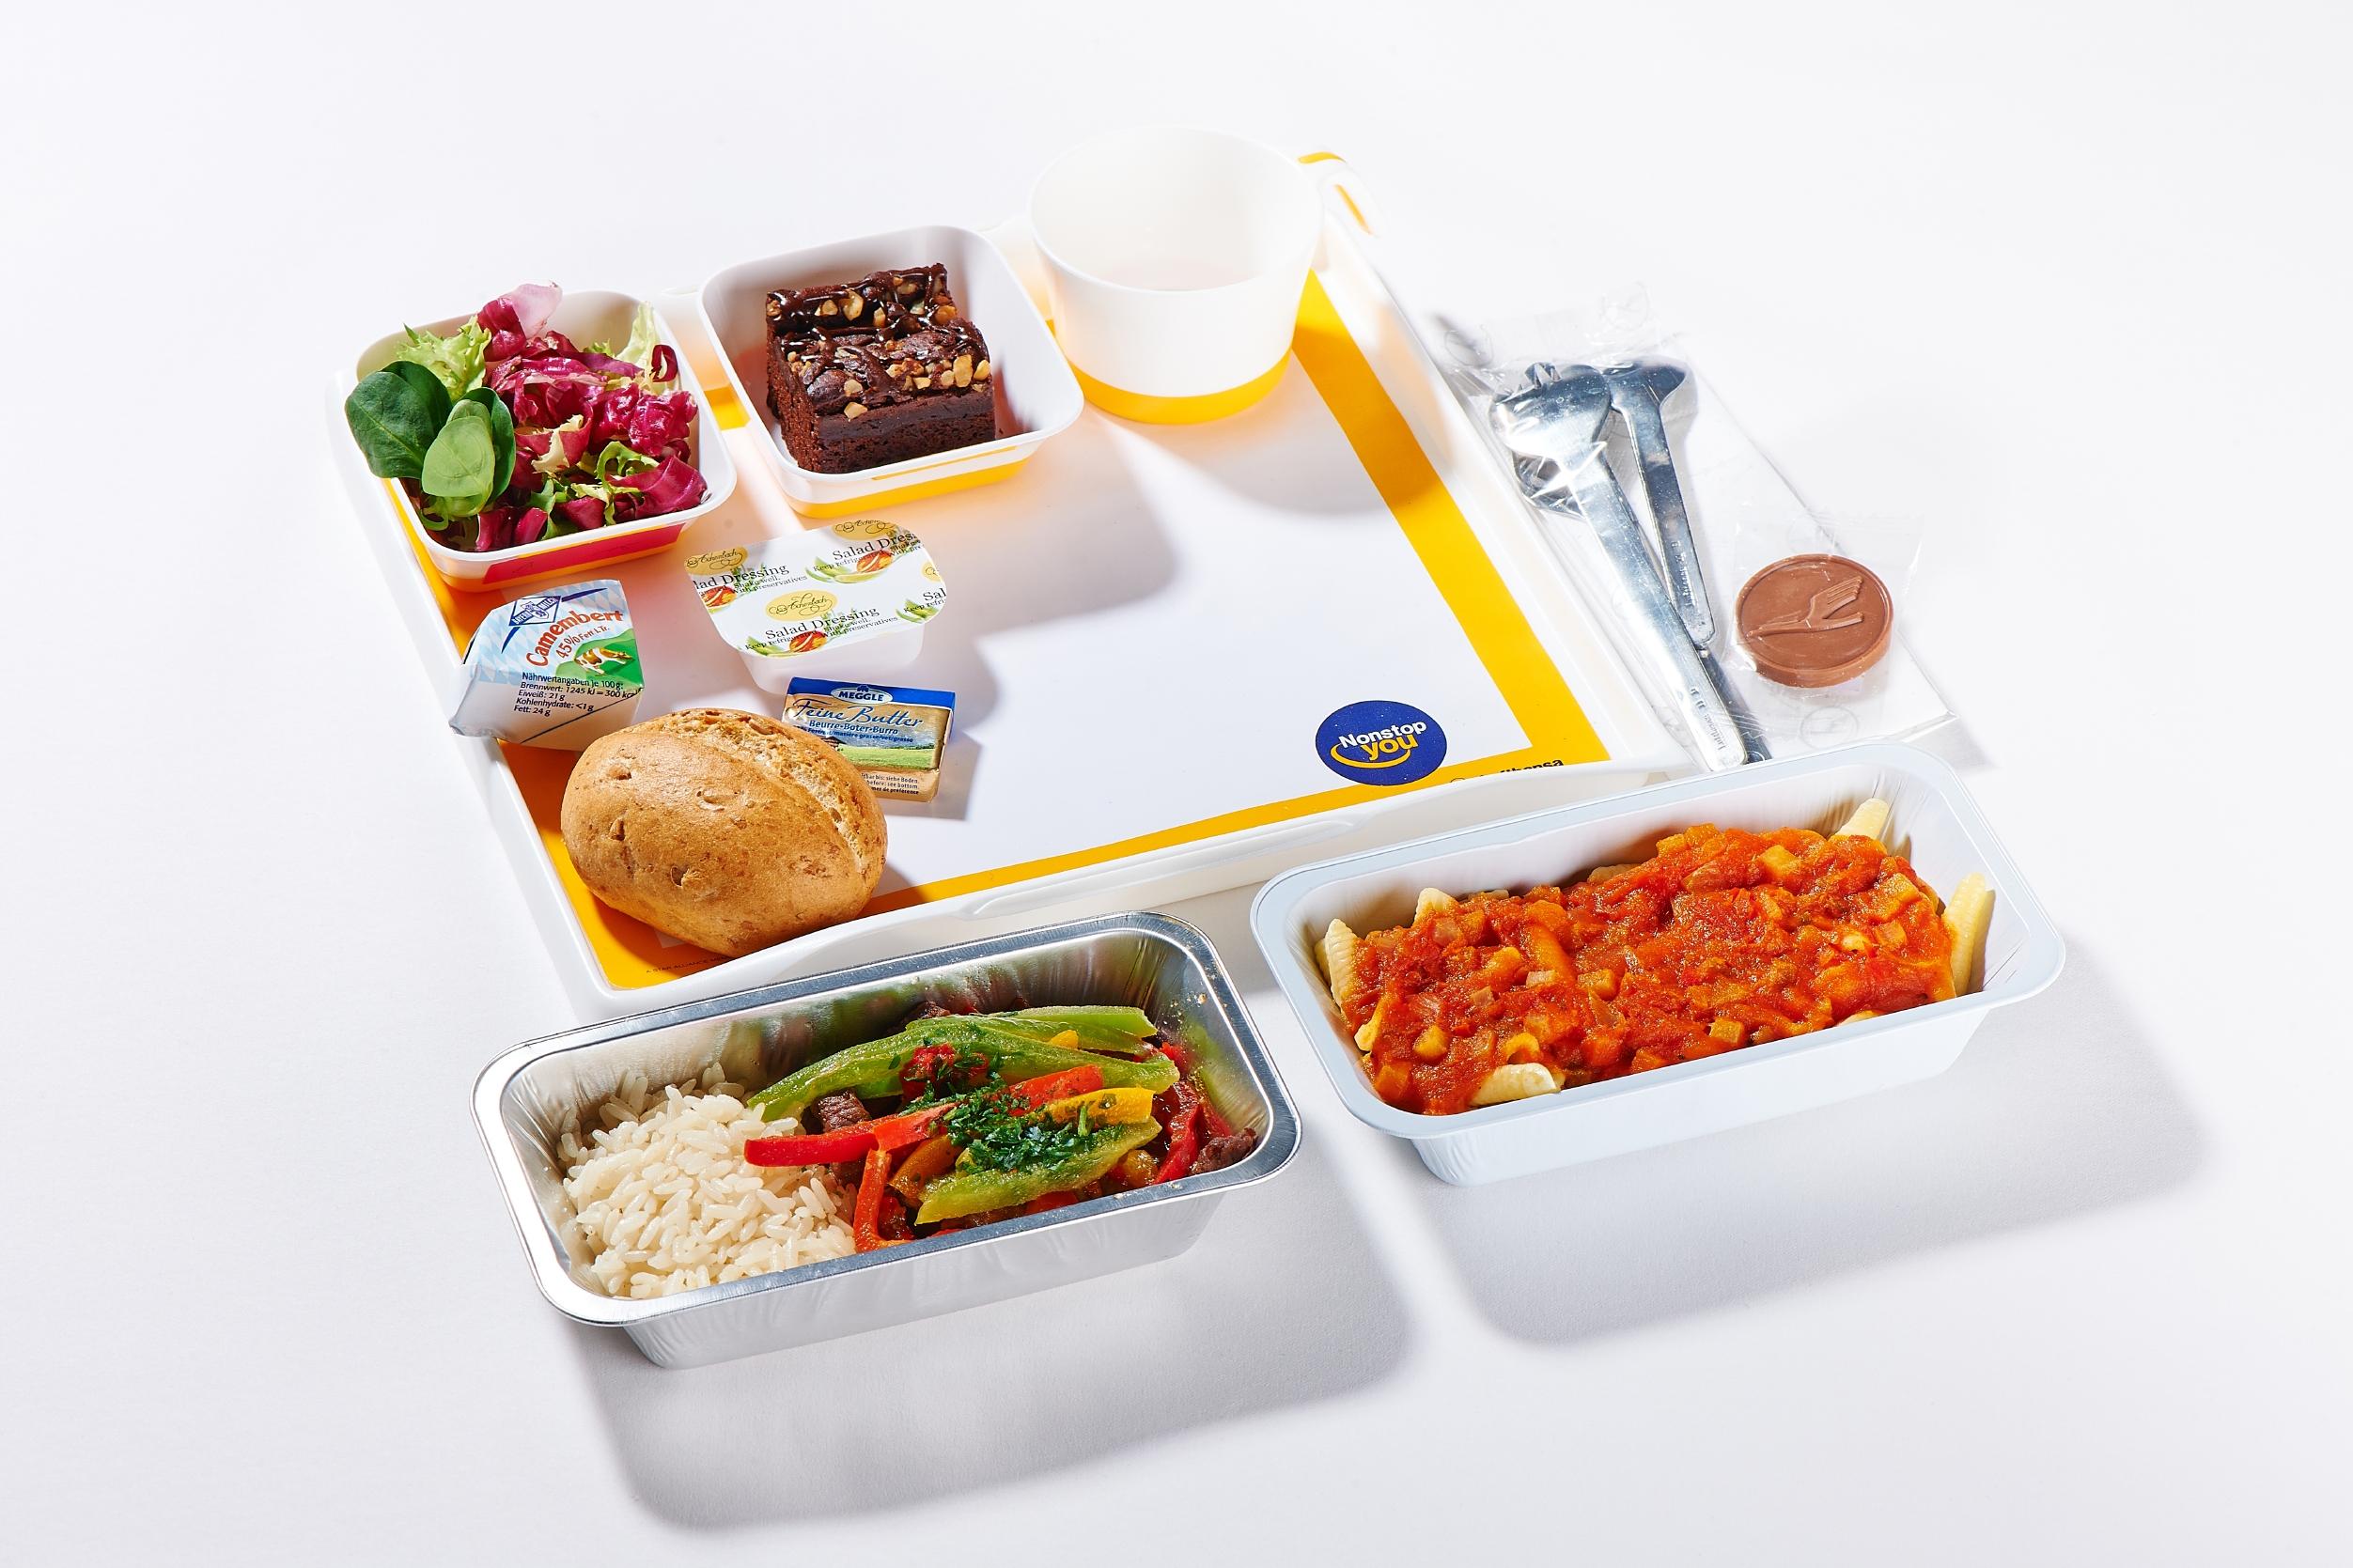 Volle verpflegungspauschale trotz essen im flugzeug